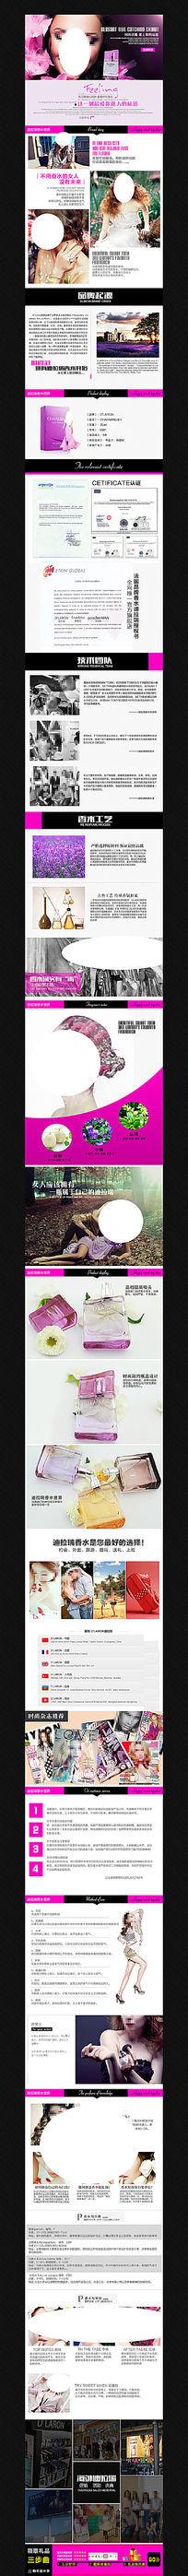 淘宝女士香水详情页细节描述素材模板